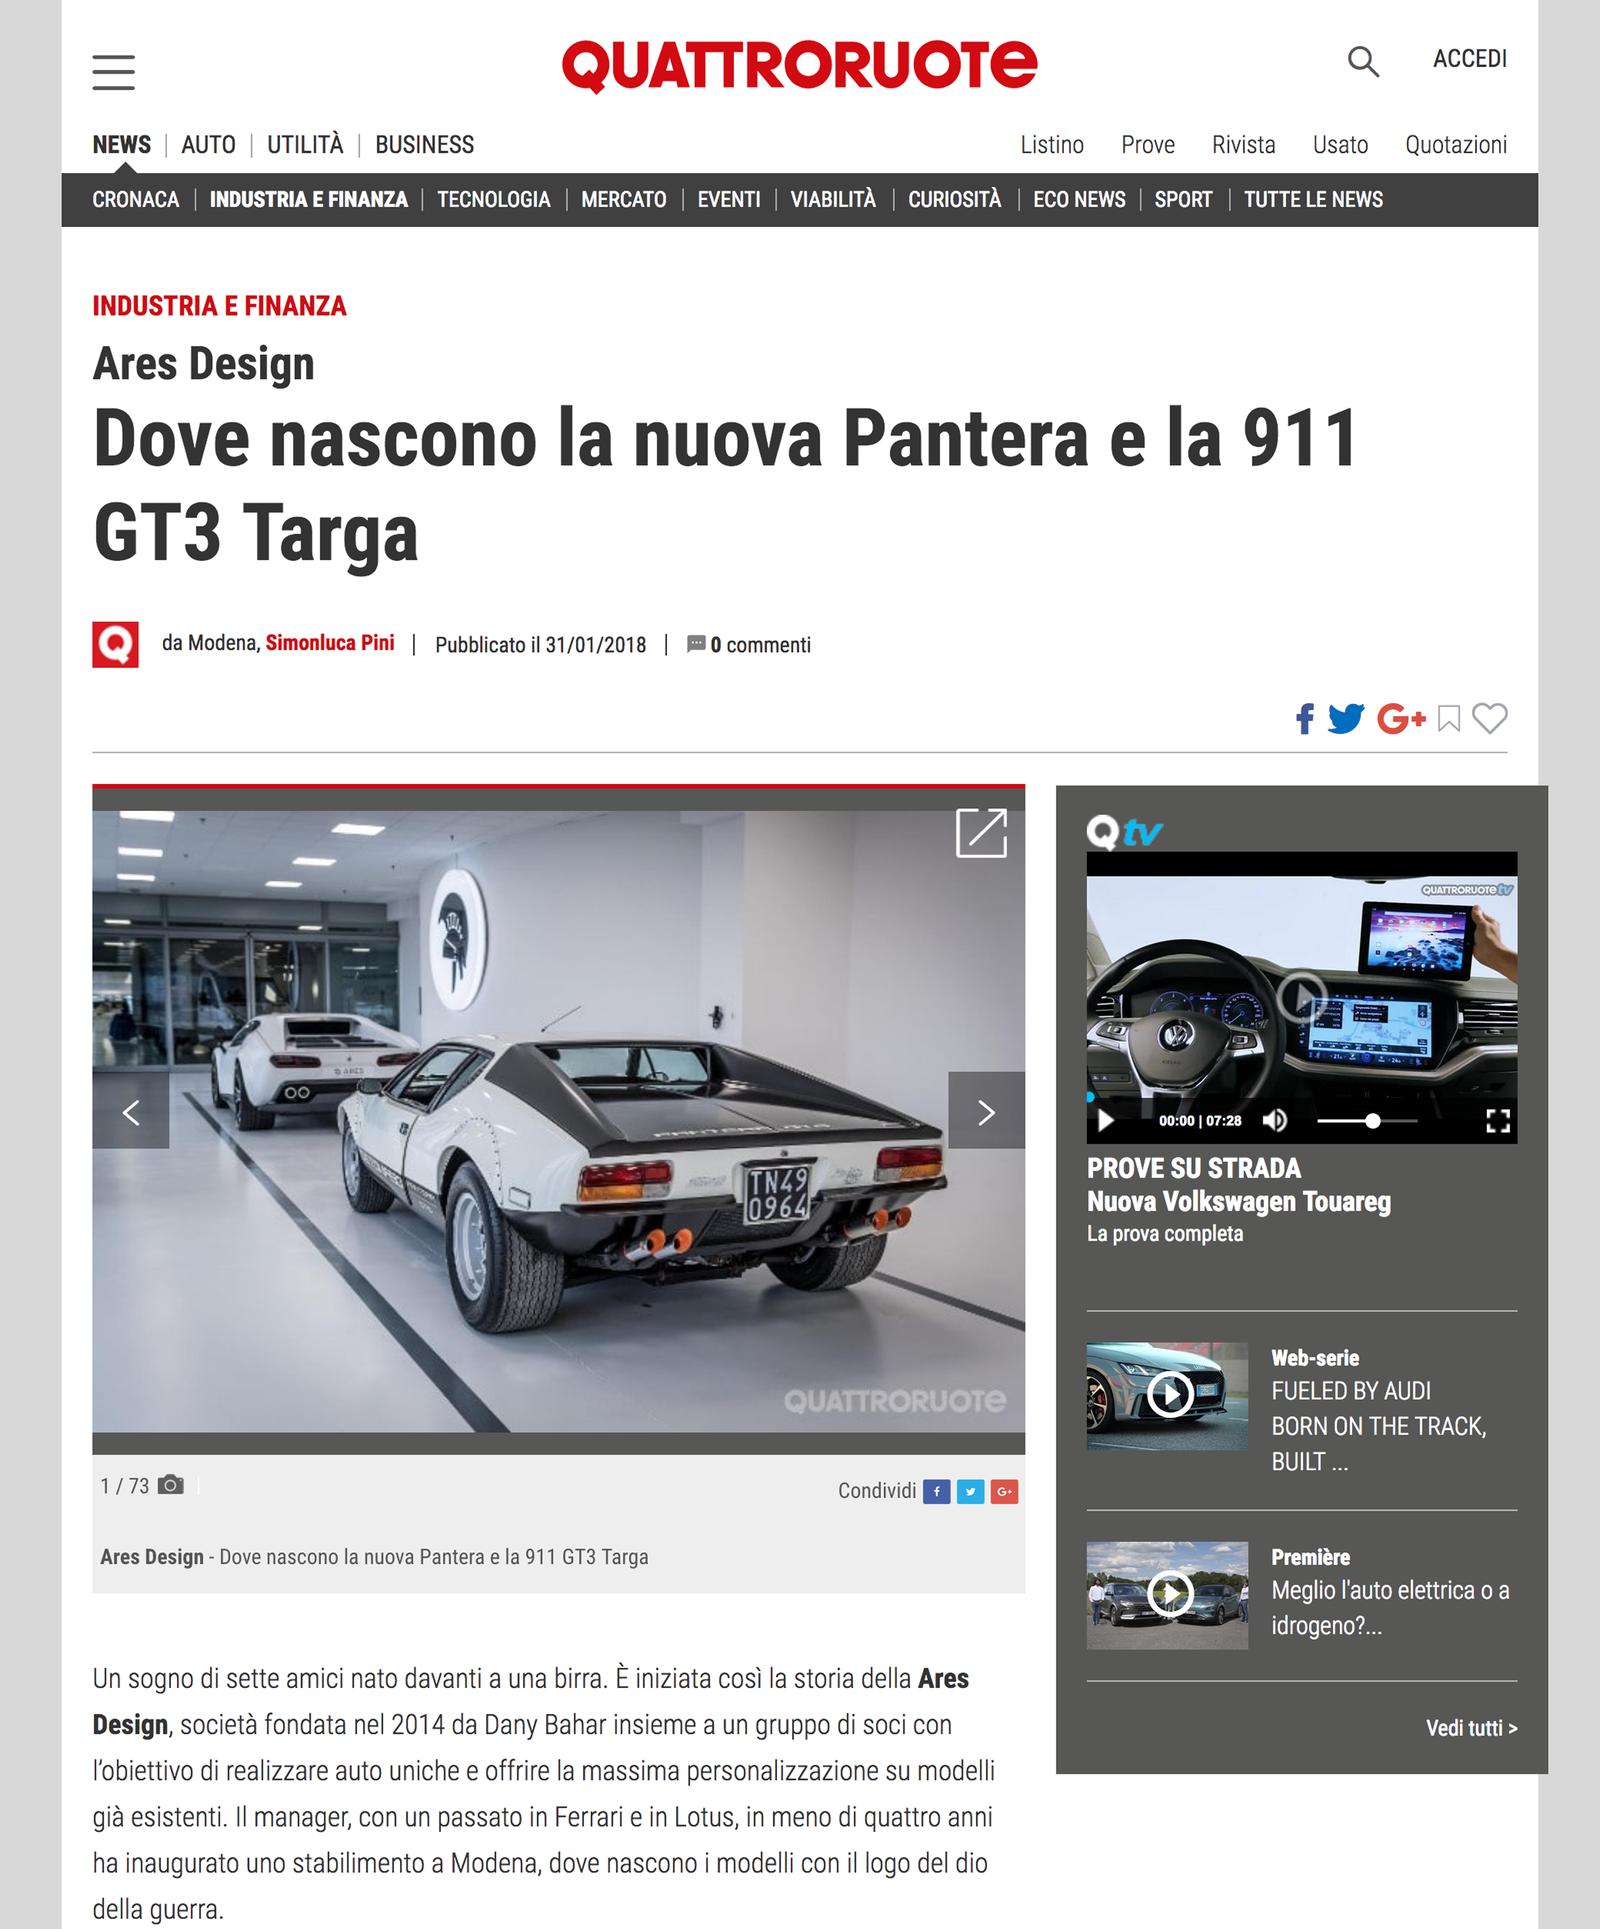 ARES Design News